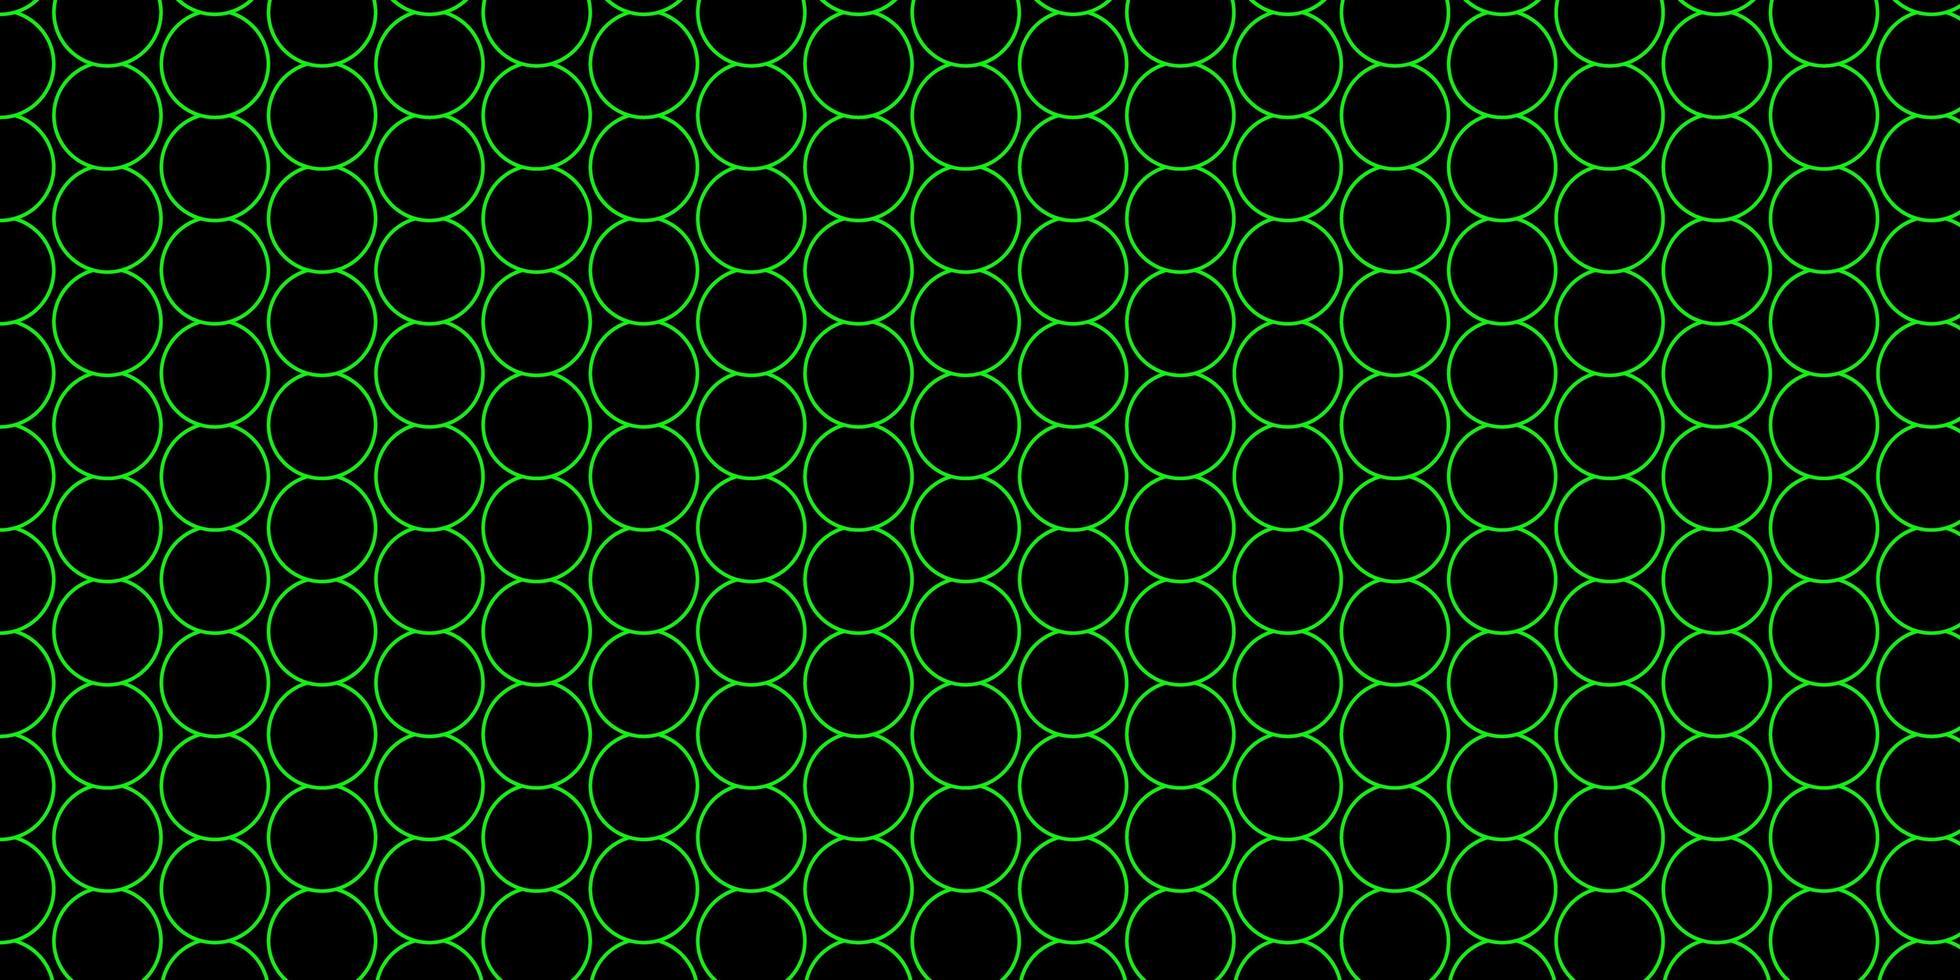 patrón verde oscuro con esferas. vector